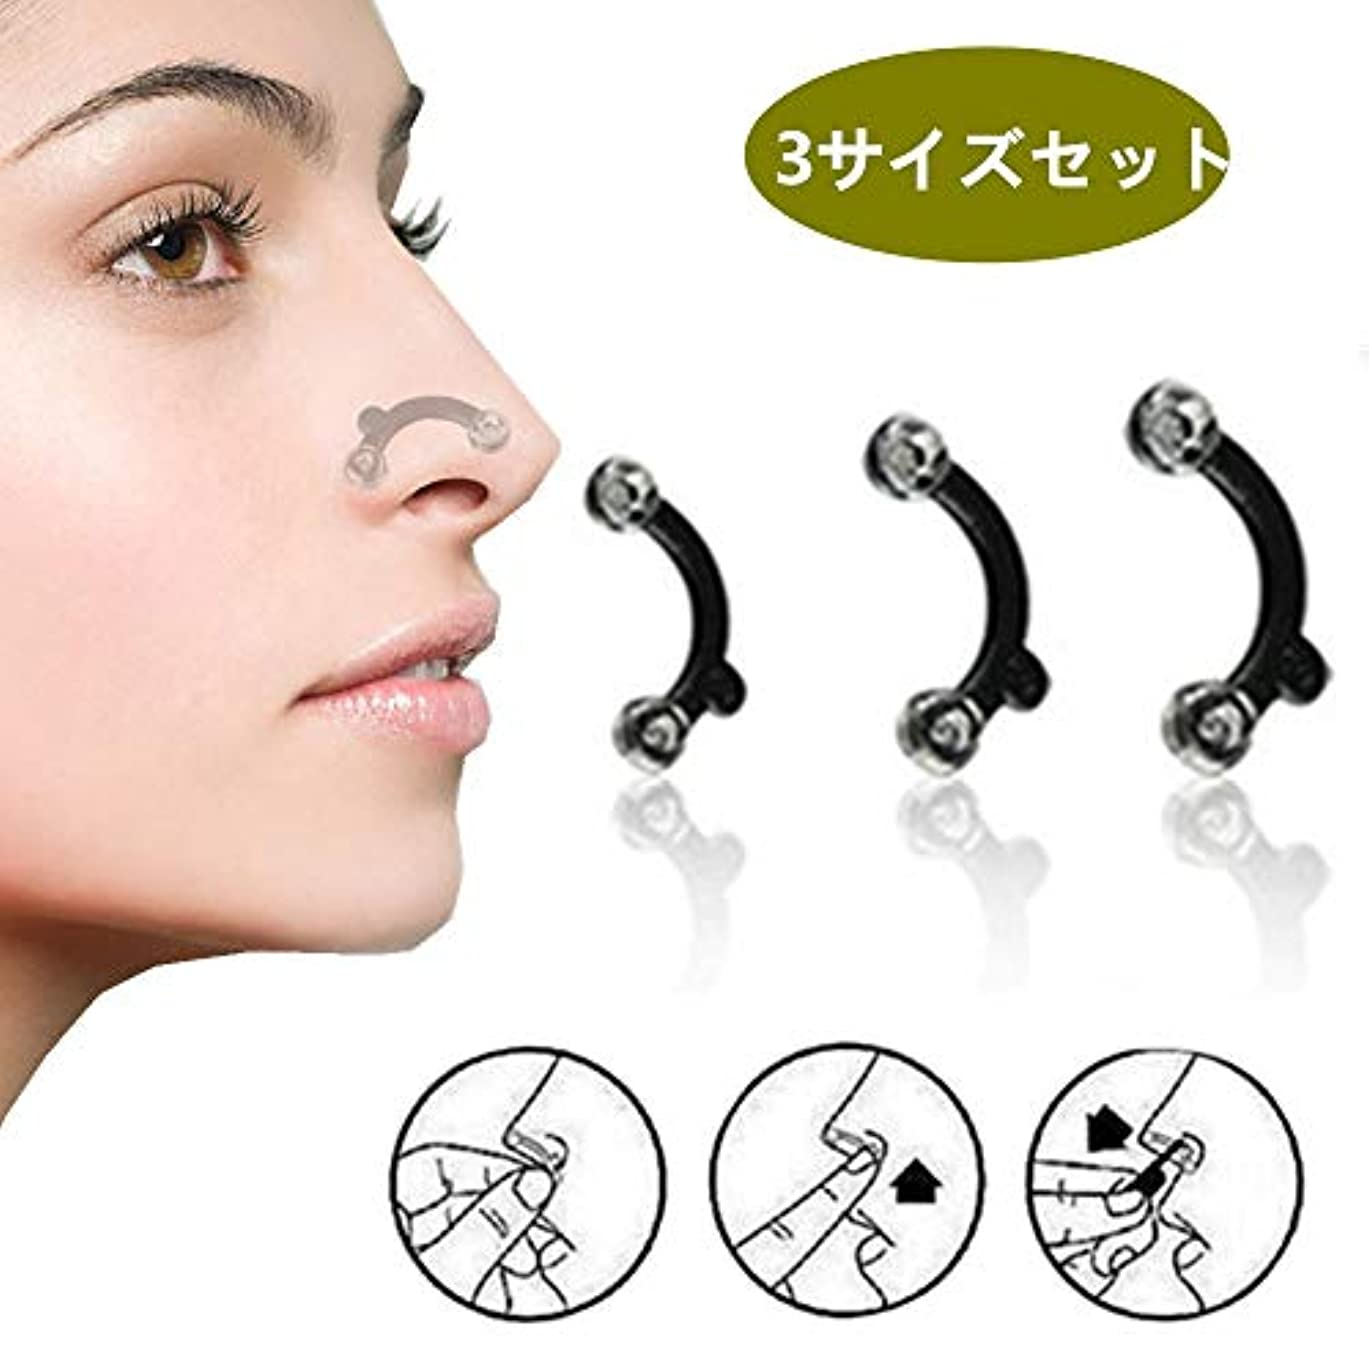 無駄現代方言鼻プチ 柔軟性高く ハナのアイプチ 痛くない 矯正プチ 整形せず24.5mm/25.5mm/27mm全3サイズセット ブラック